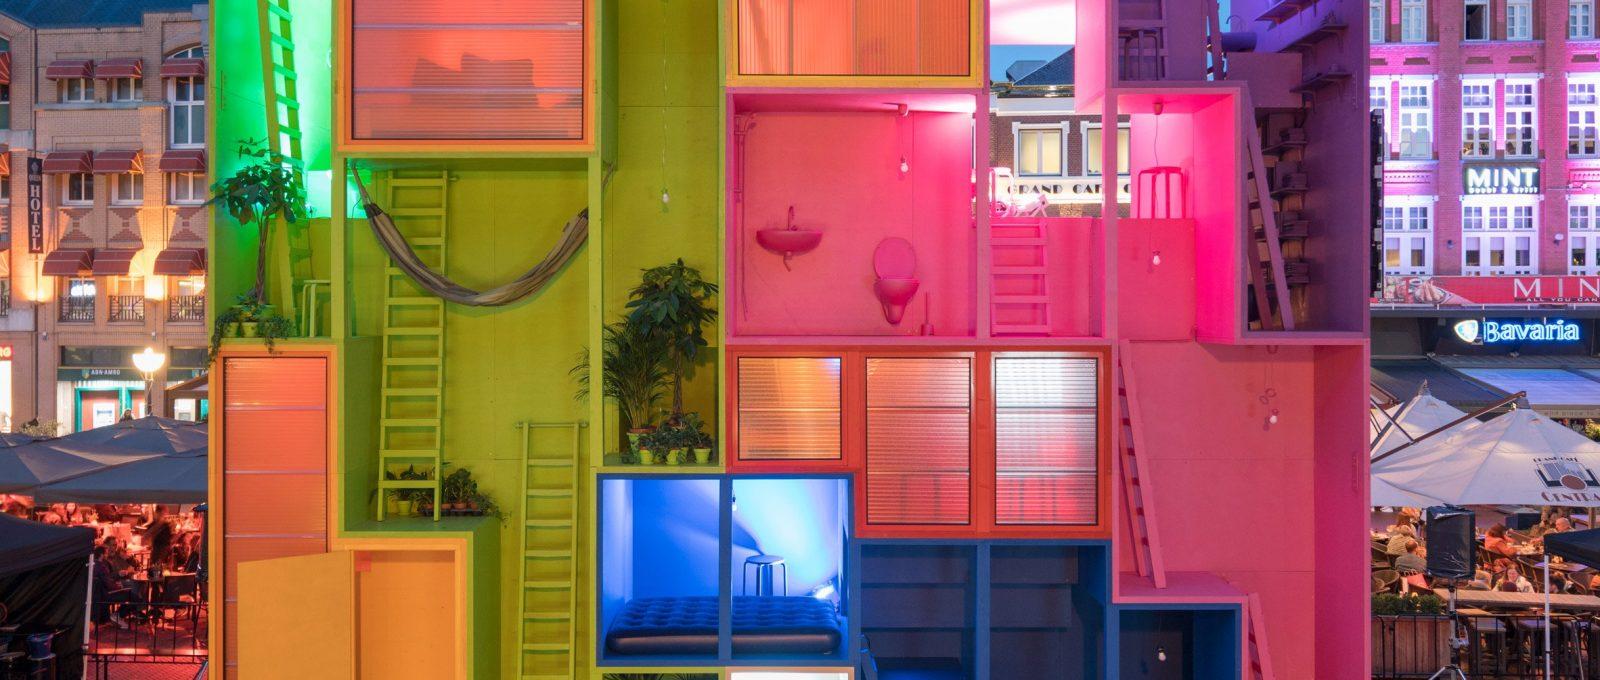 Wego, the home of the future according to architecture studio MVRDV